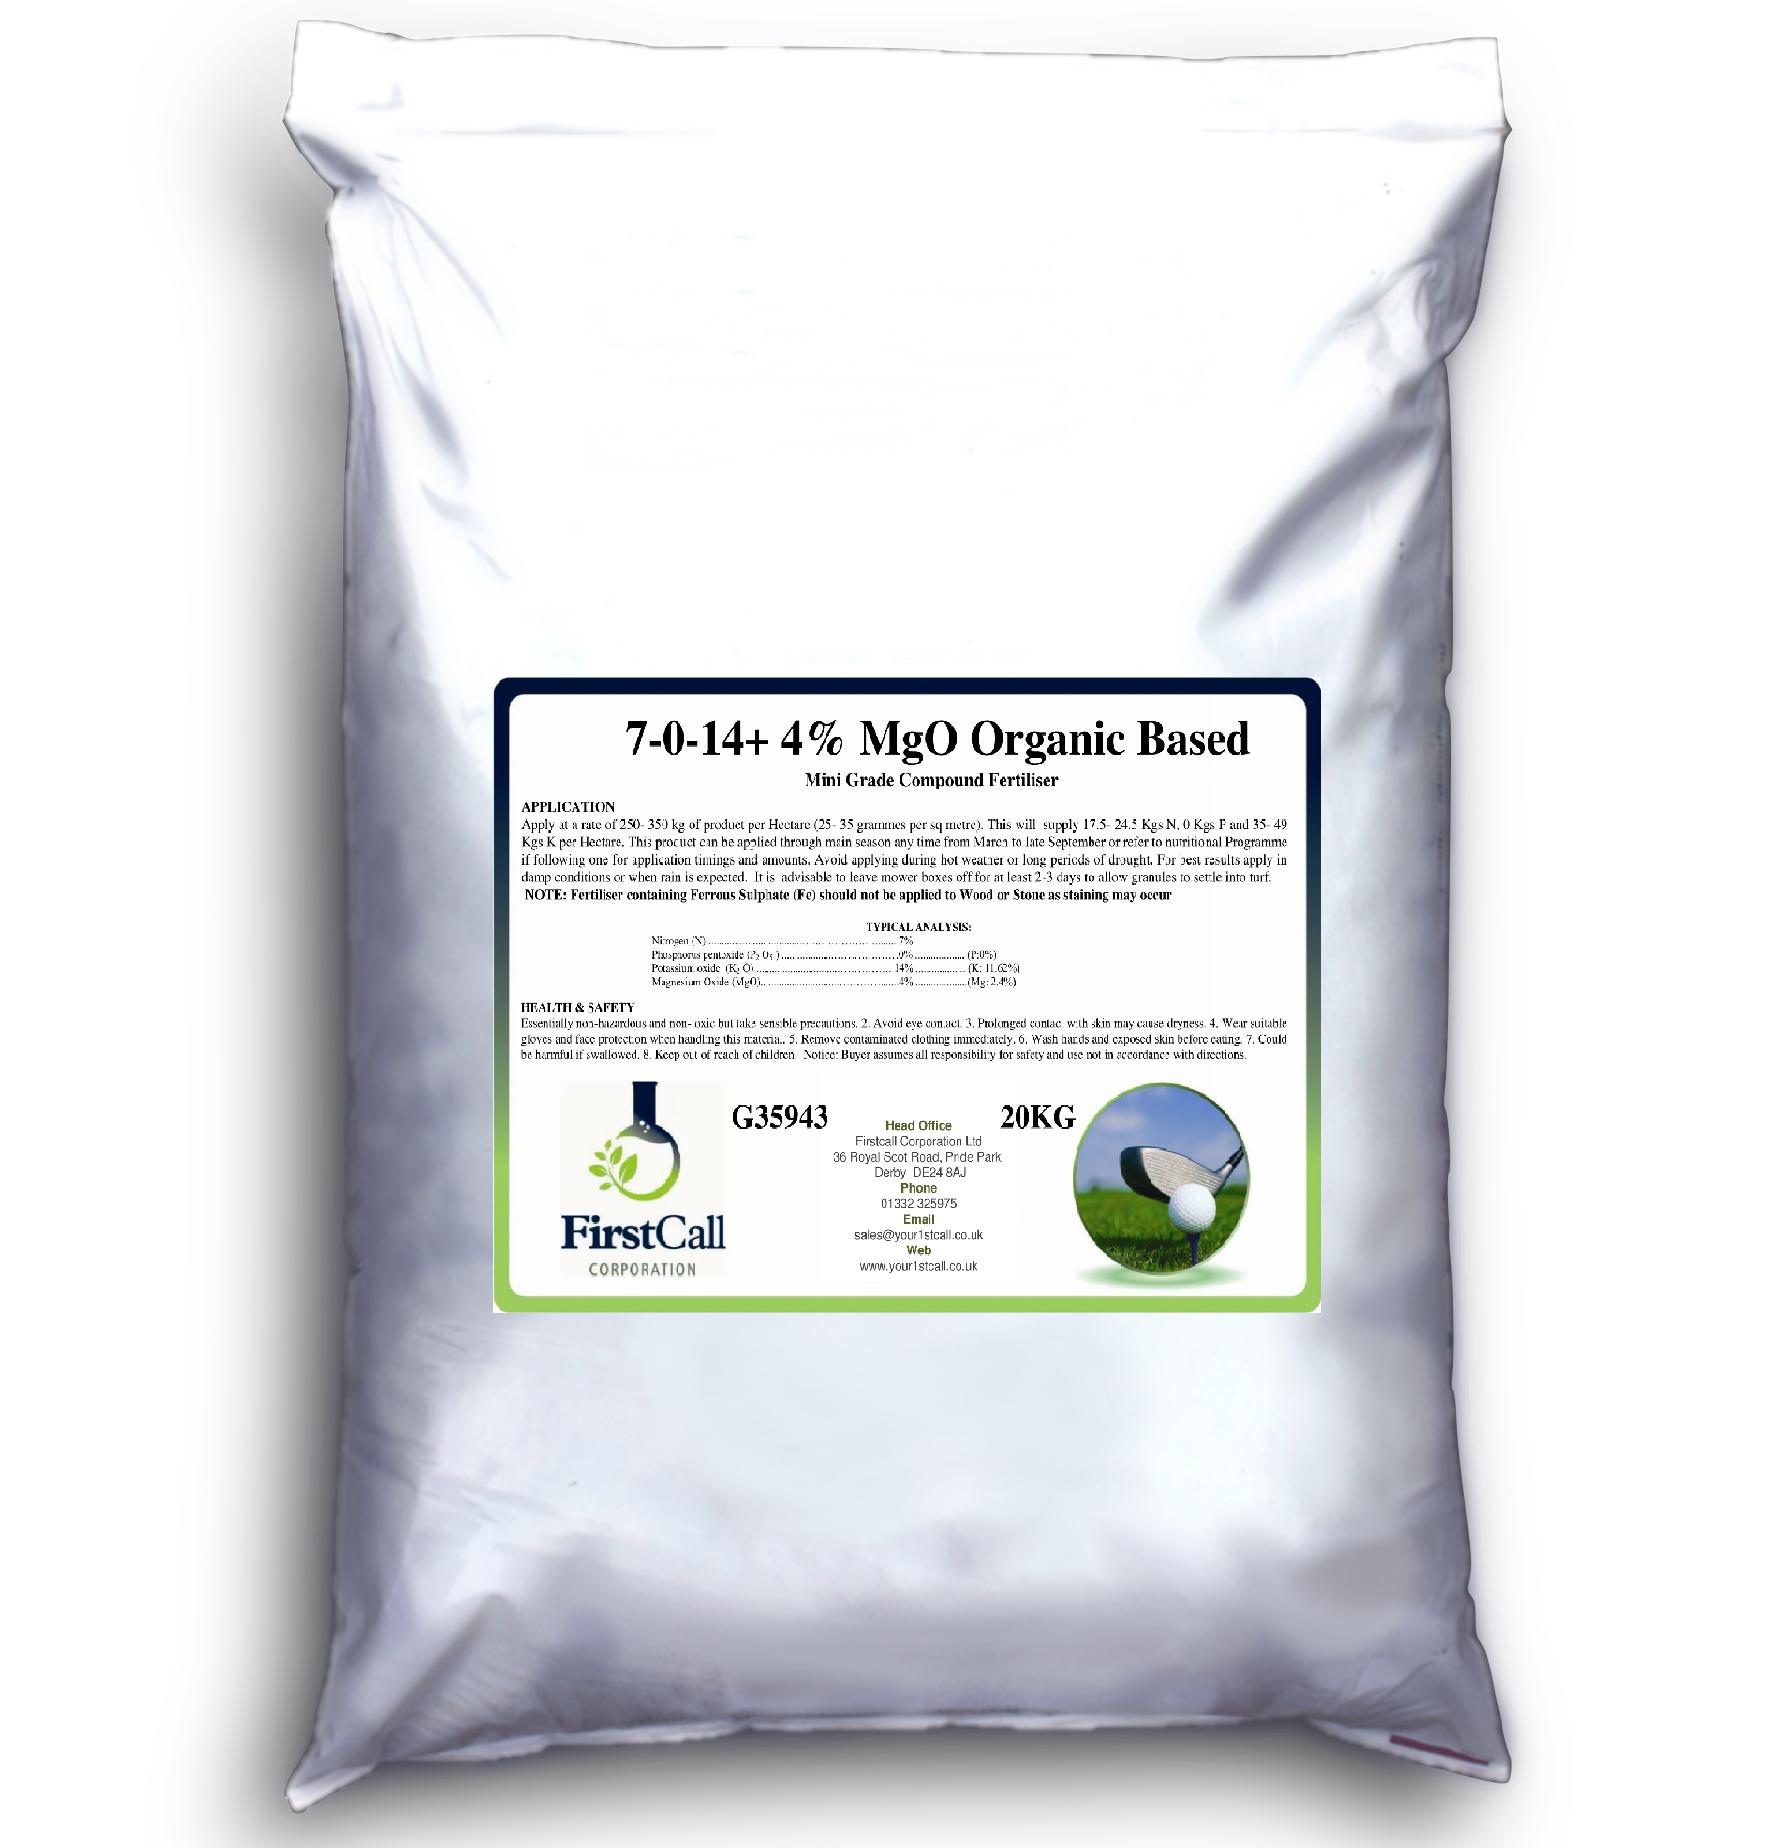 7-0-14 +4%MgO Organic Mini Grade